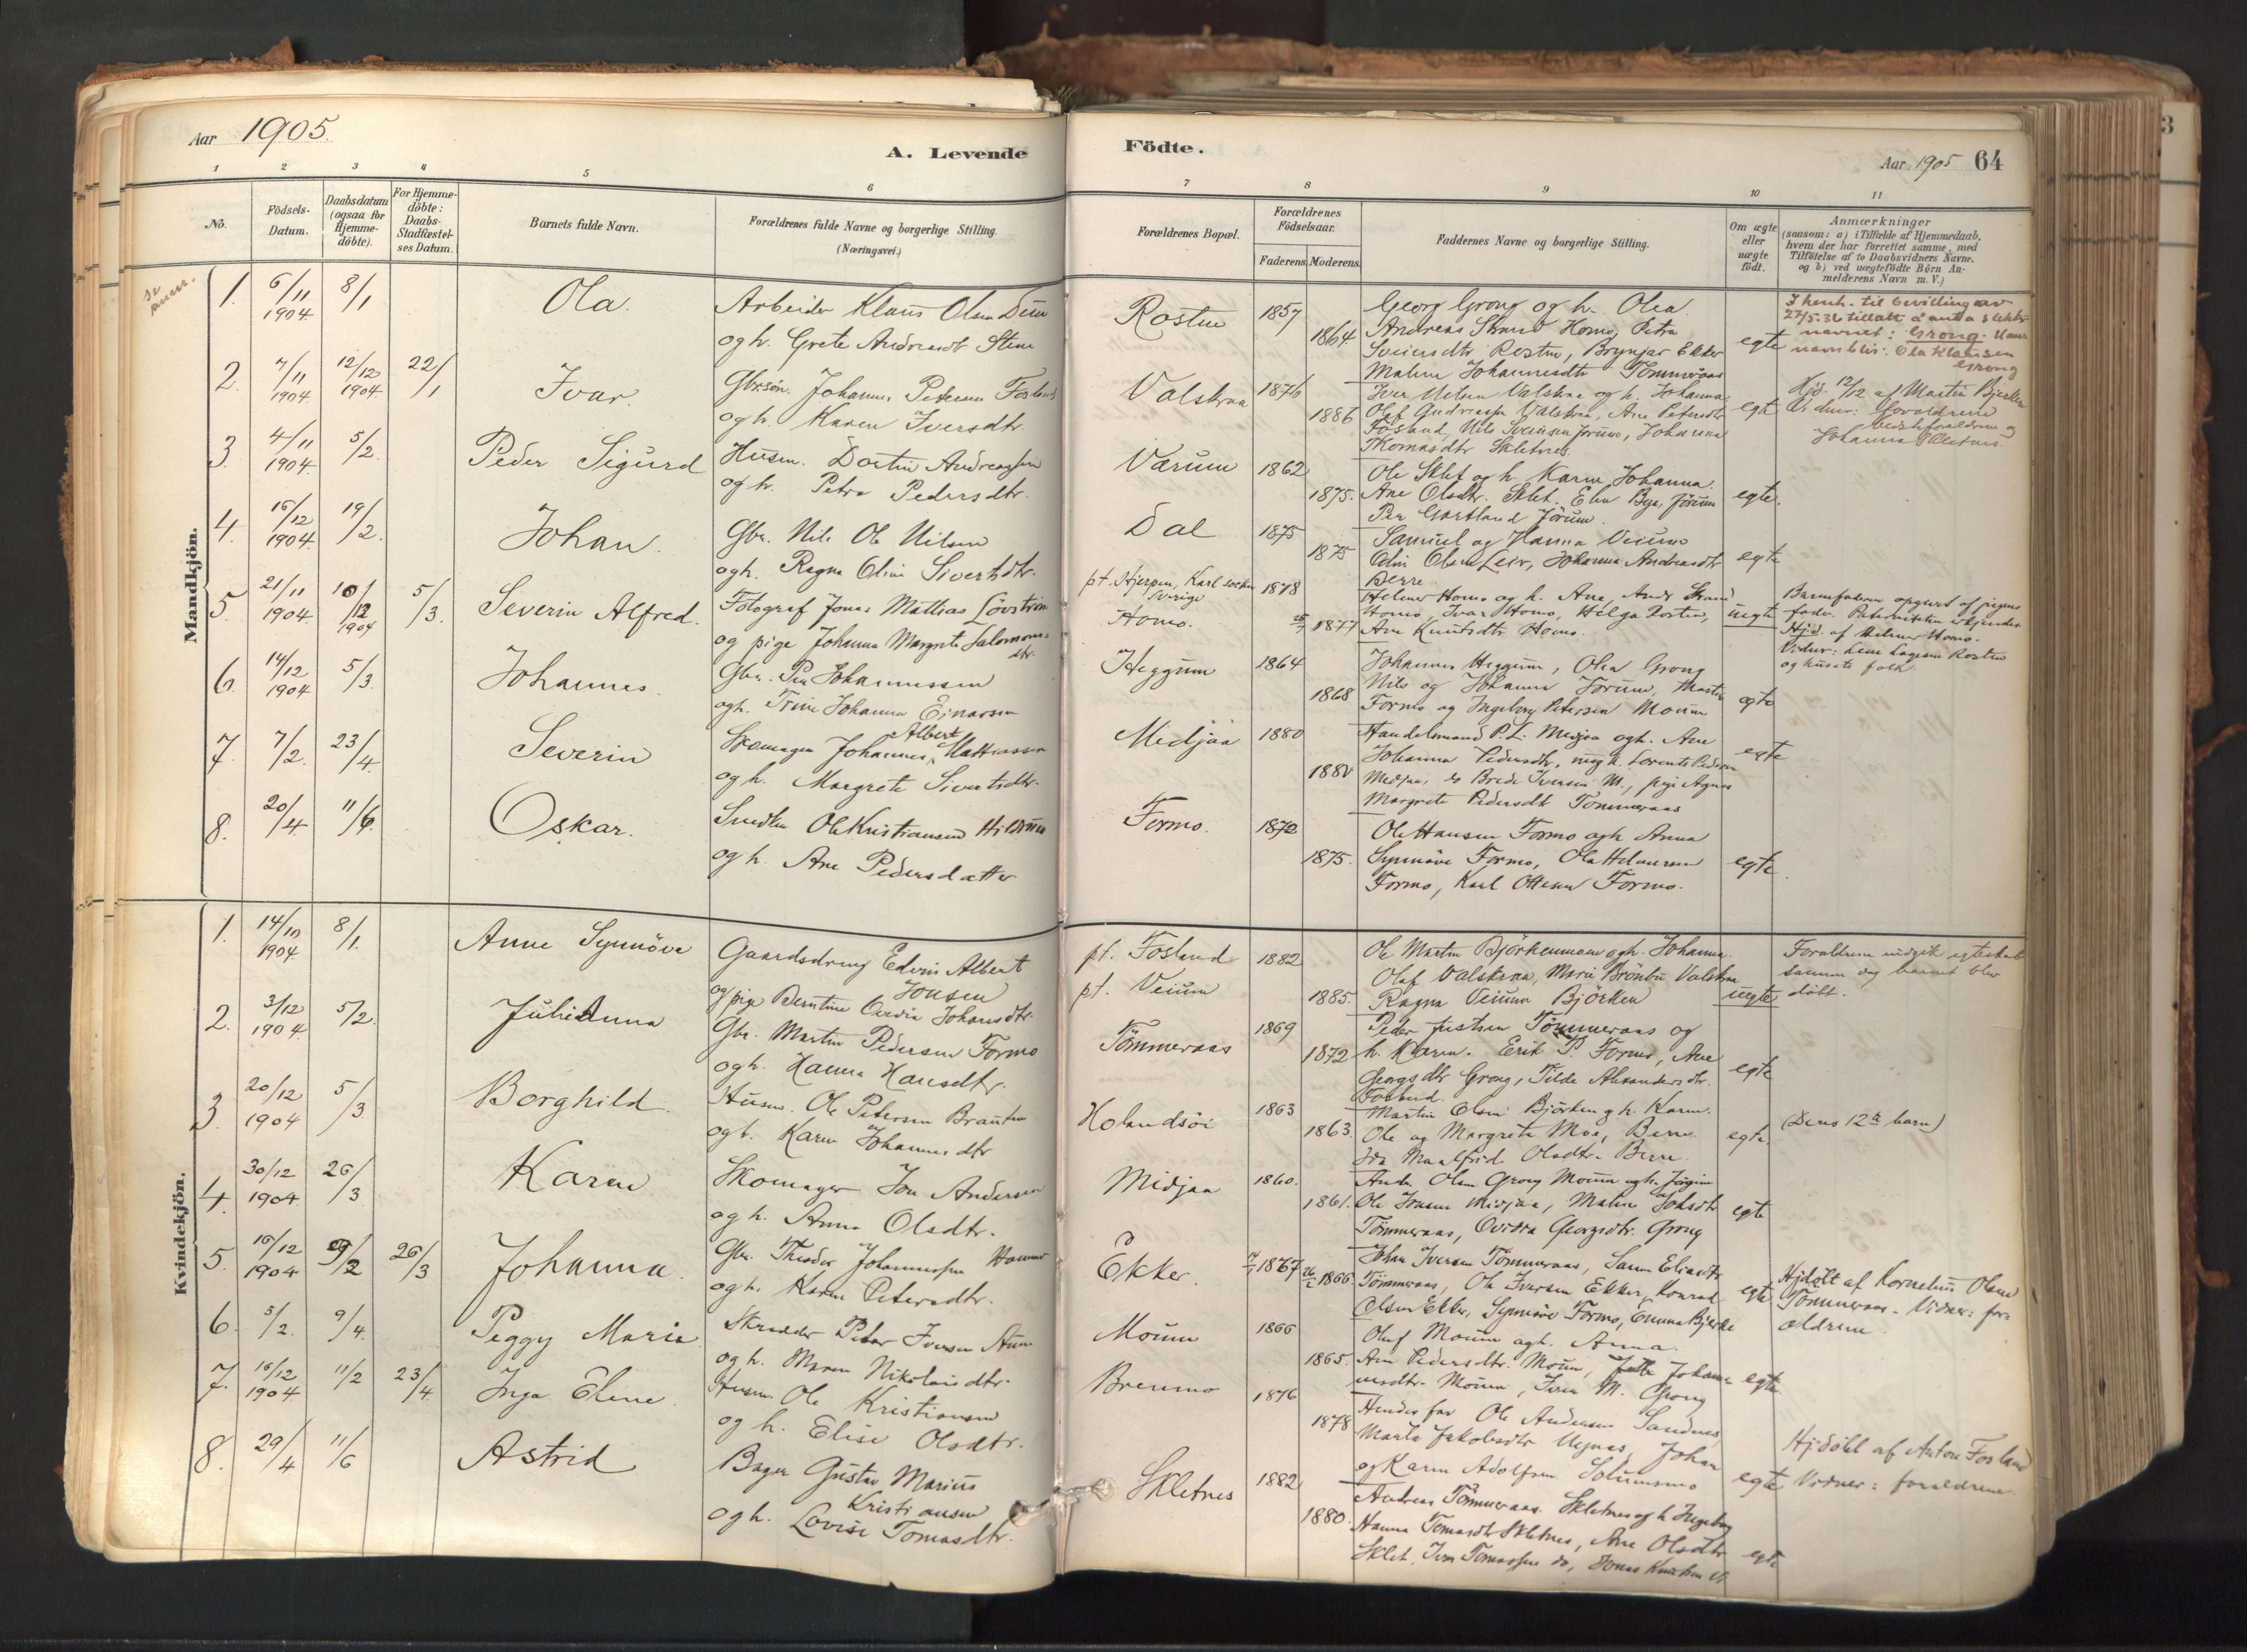 SAT, Ministerialprotokoller, klokkerbøker og fødselsregistre - Nord-Trøndelag, 758/L0519: Ministerialbok nr. 758A04, 1880-1926, s. 64